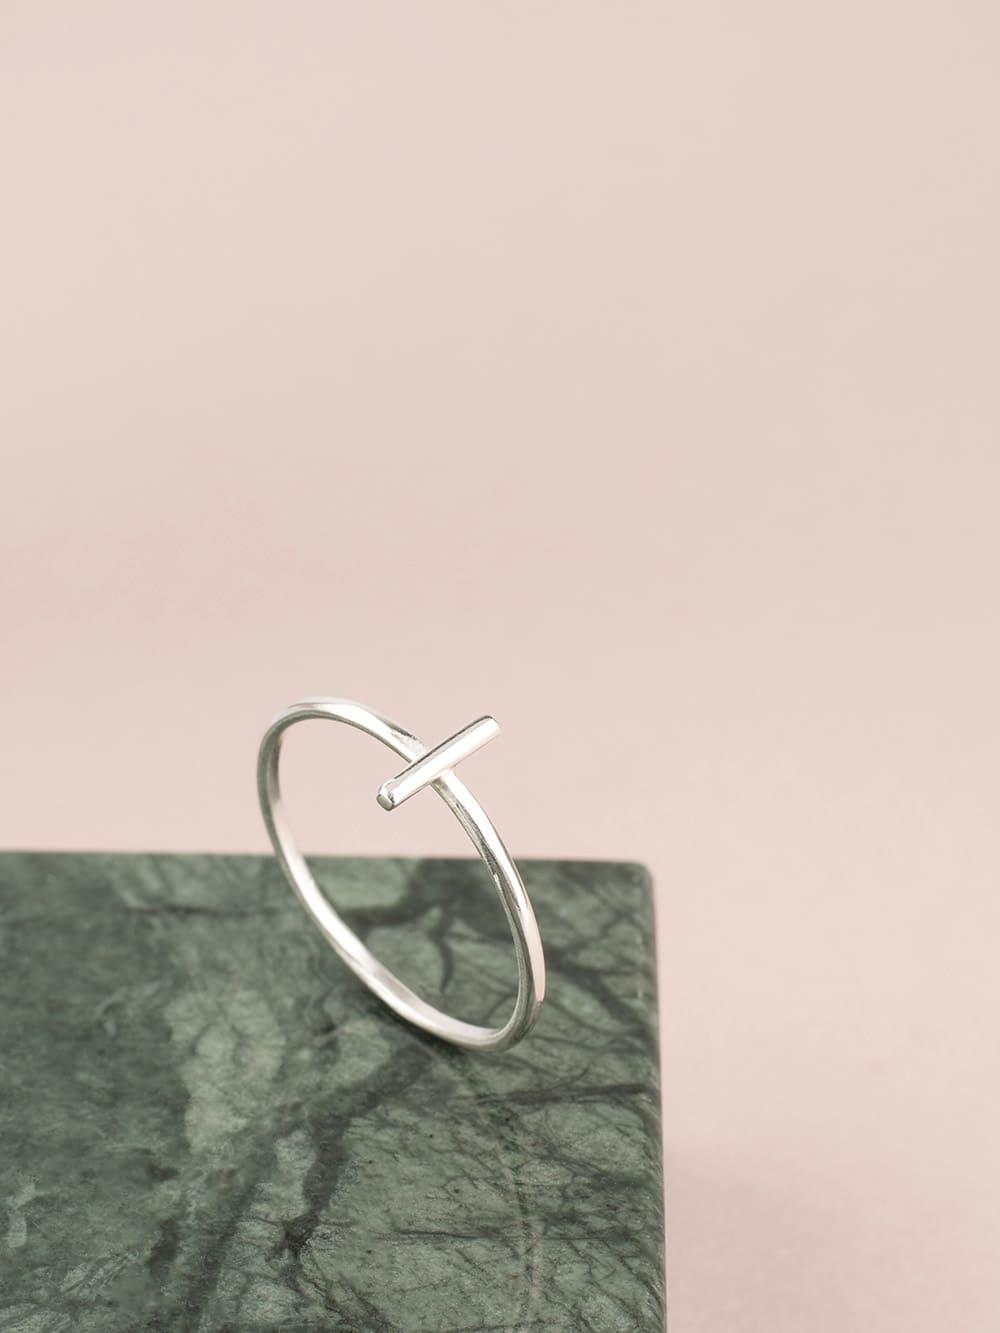 anillo barato de plata para mujer ideal para regalar